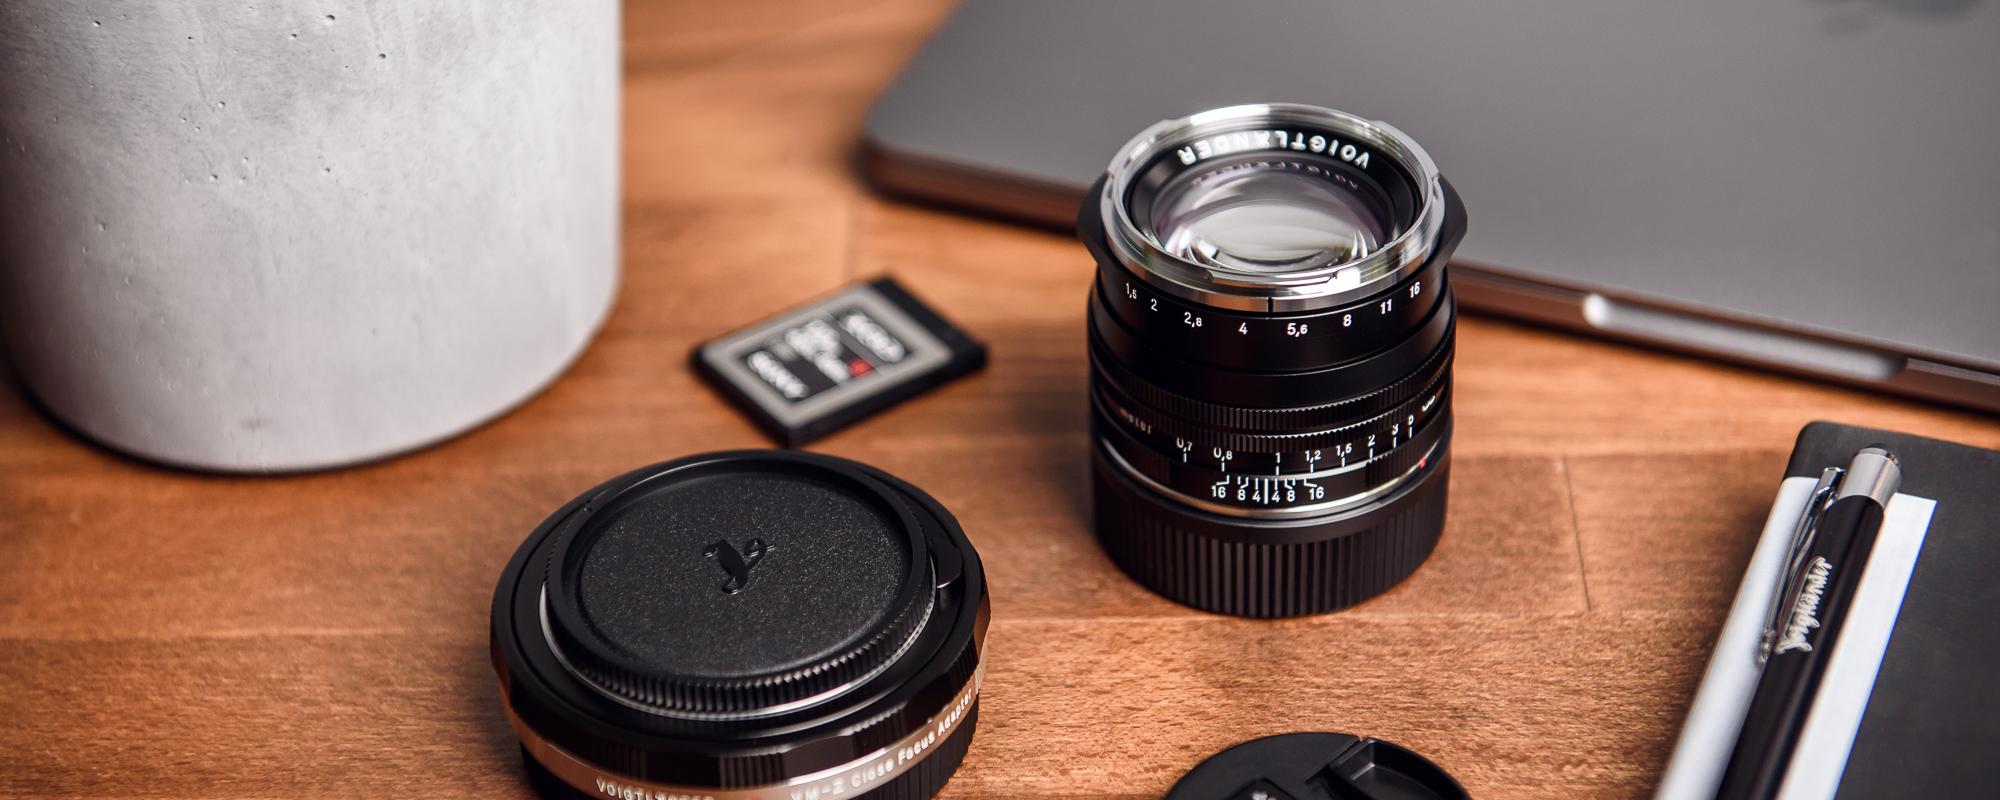 Obiektyw Voigtlander Nokton II 50 mm f/1,5 do Leica M - MC, czarny i akcesoria